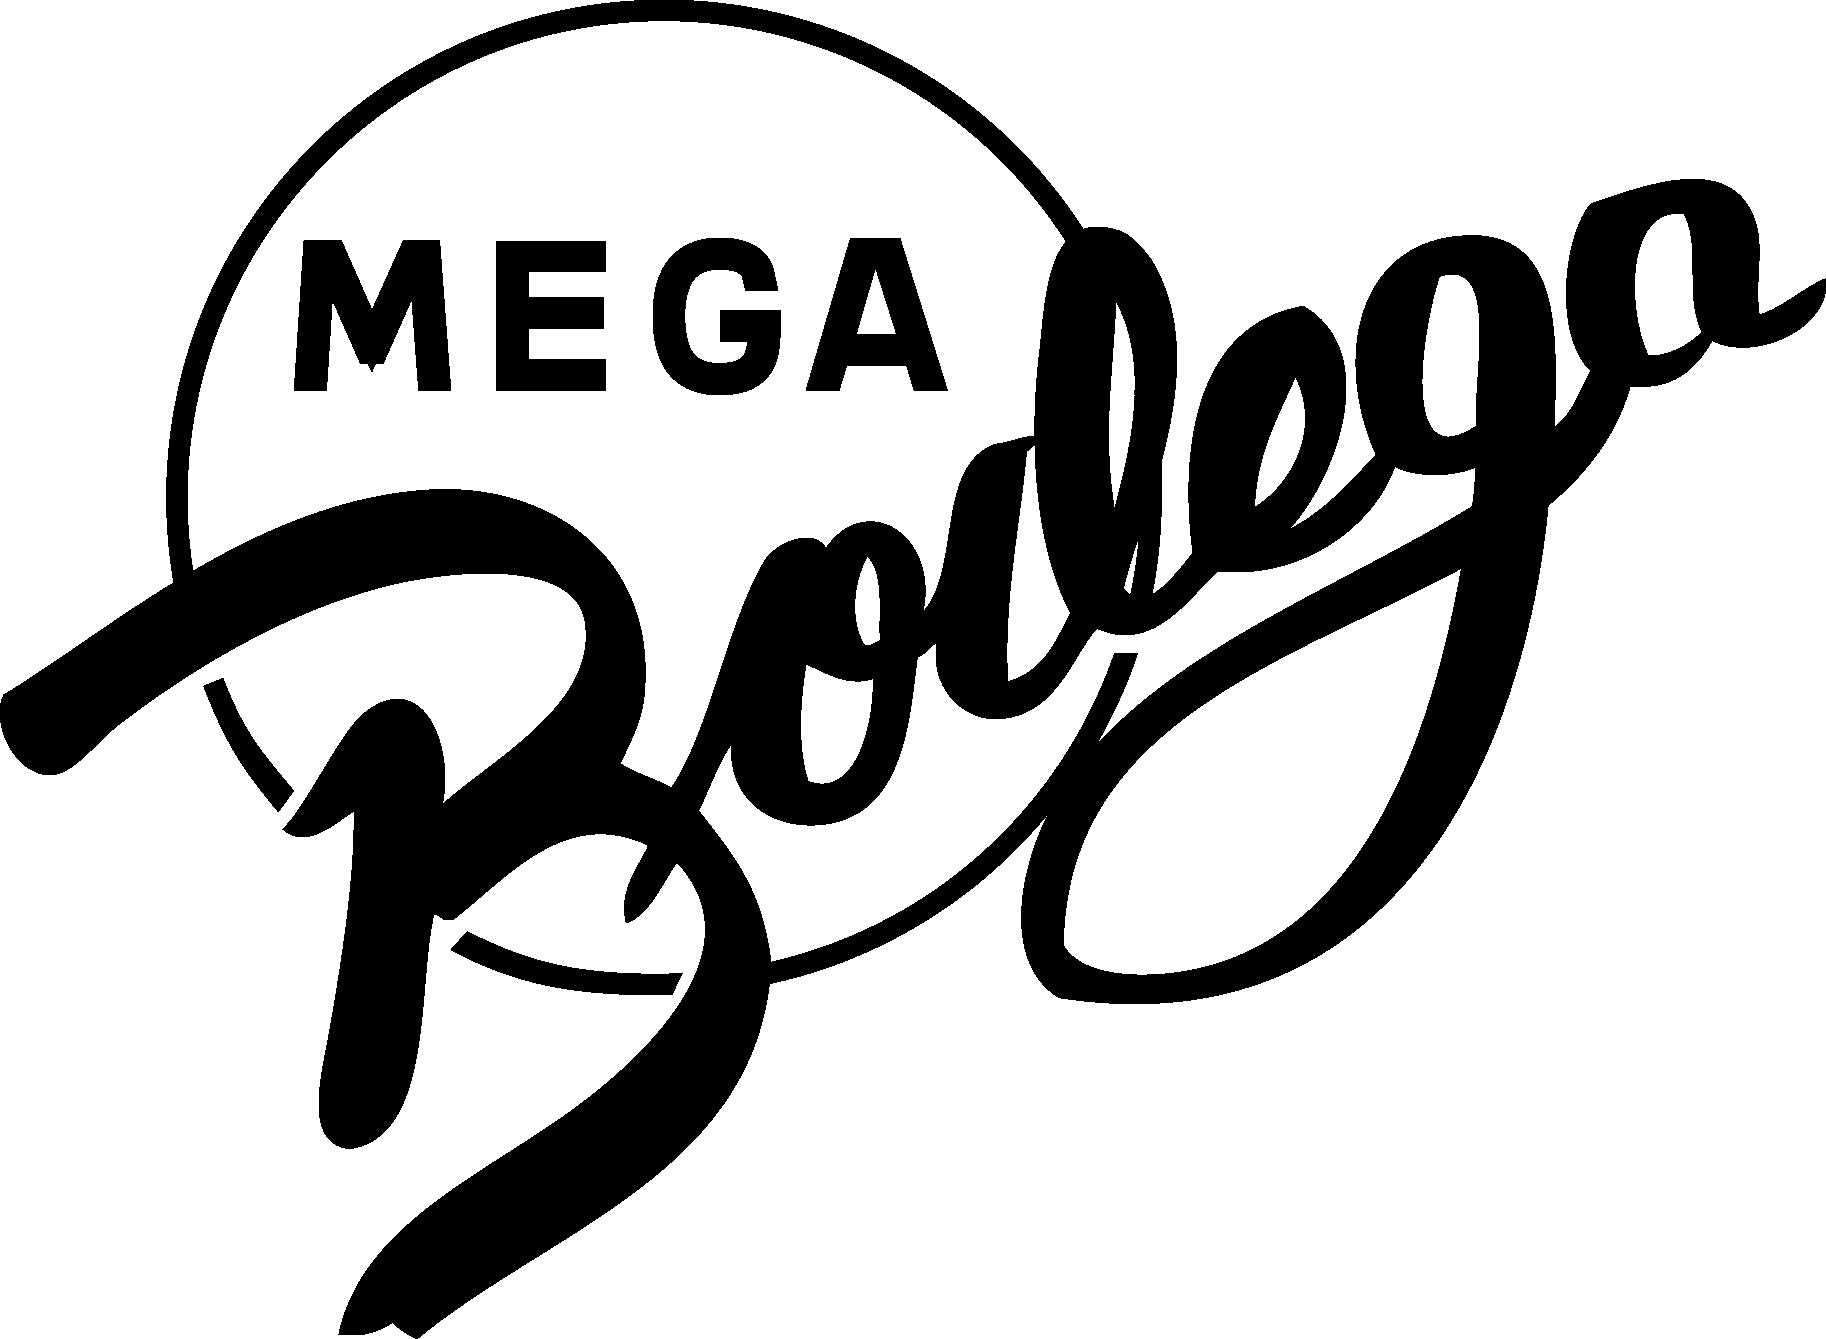 MegaLogo.png